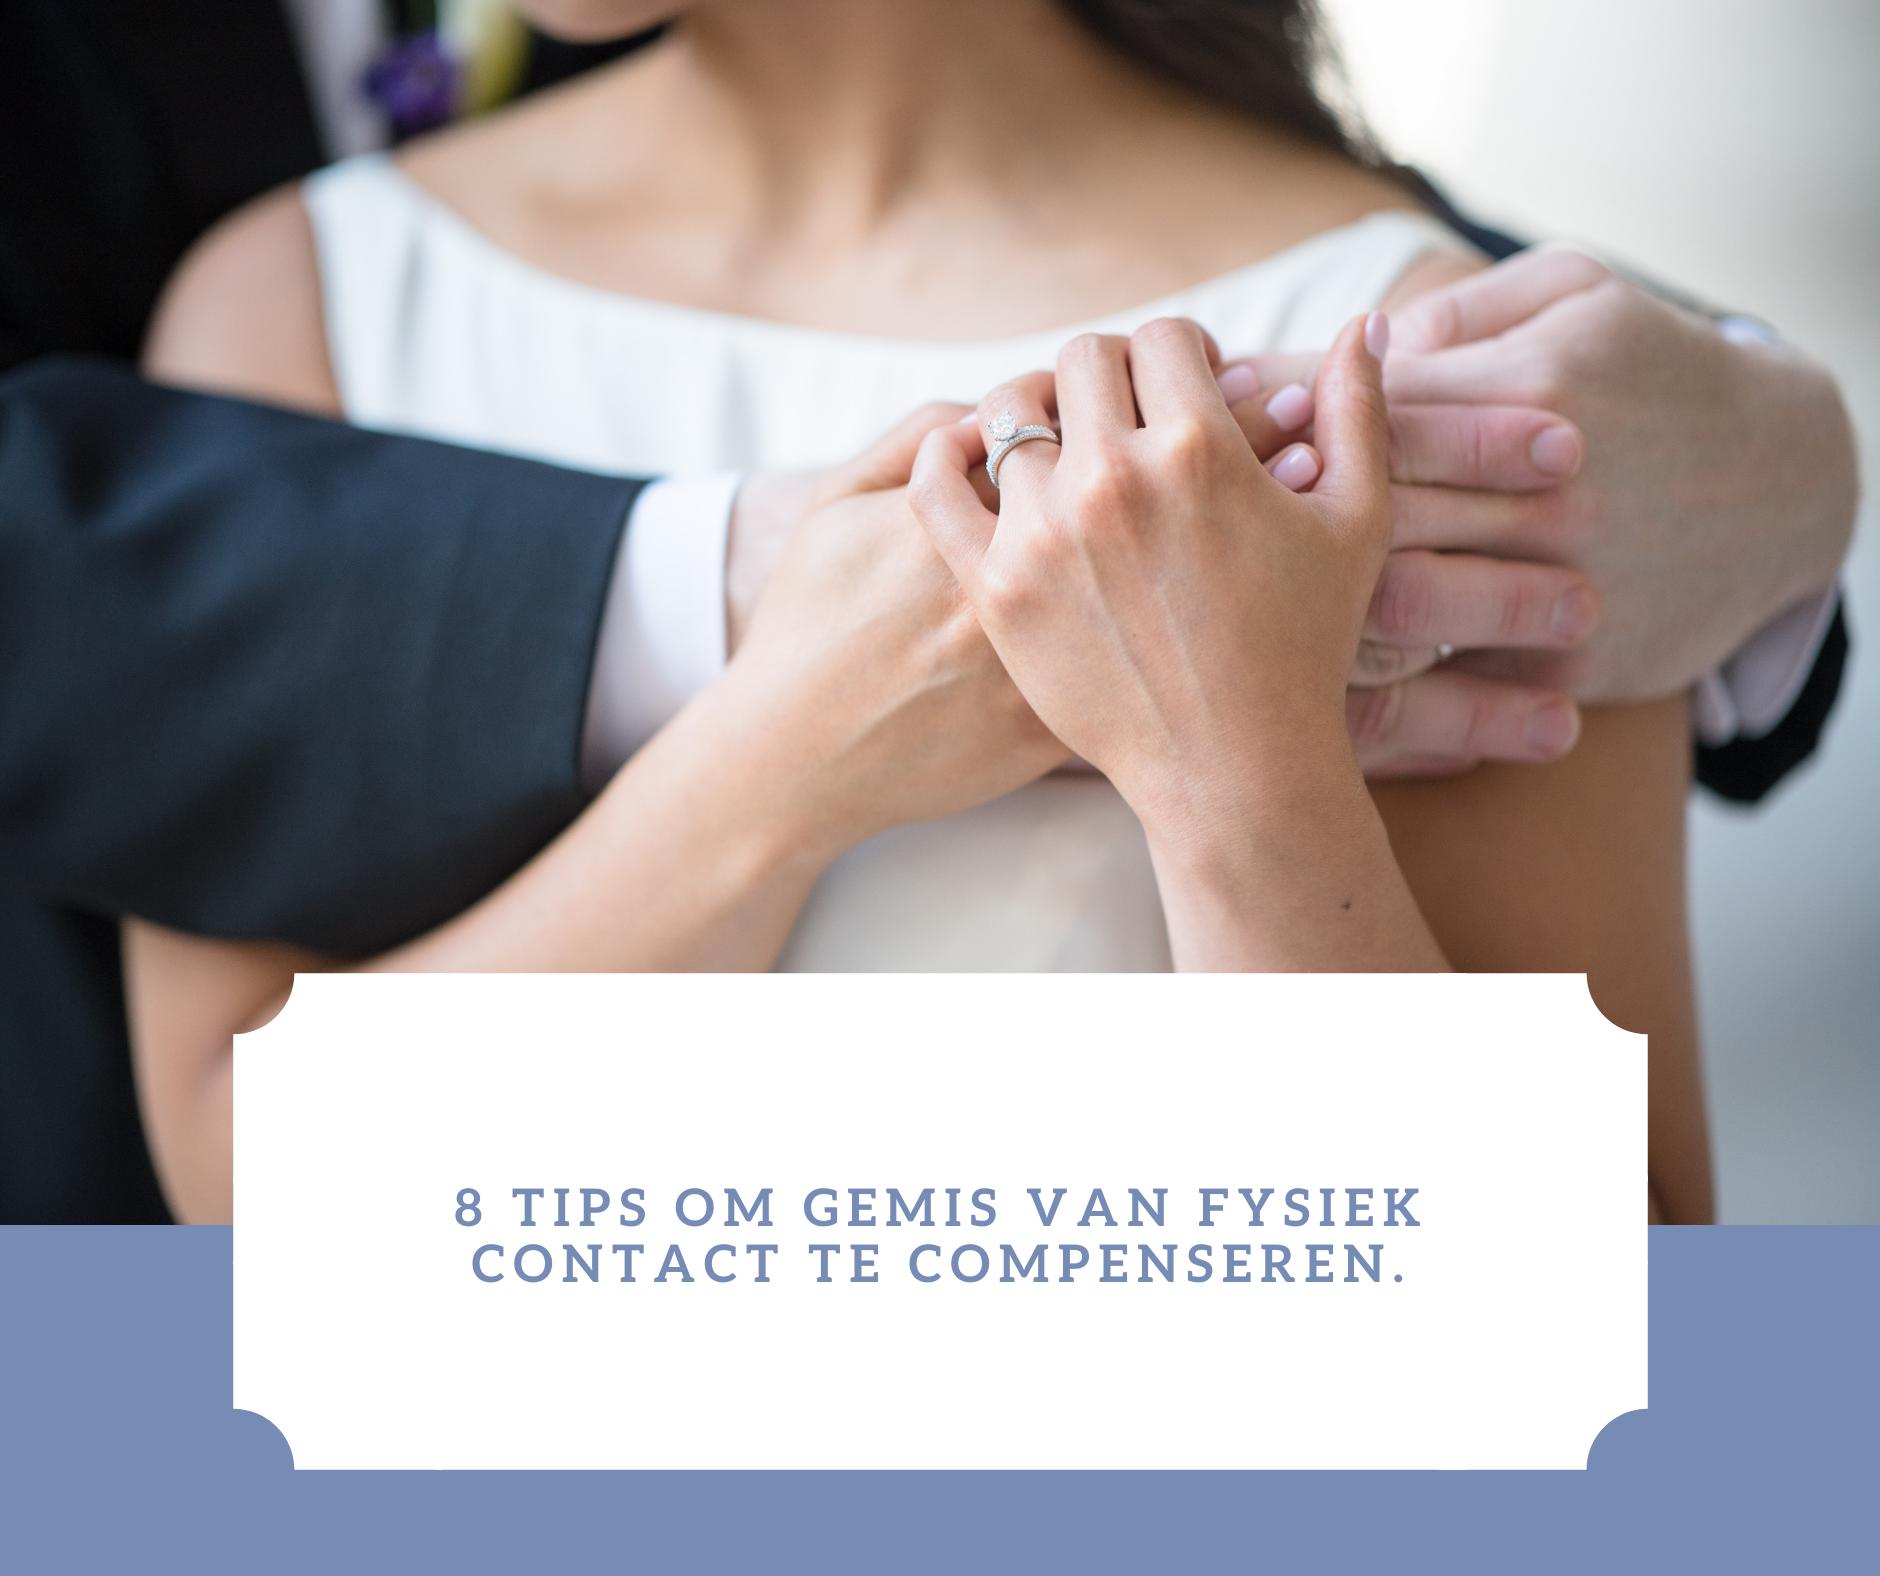 8 Tips om het gemis van fysieke contact te compenseren